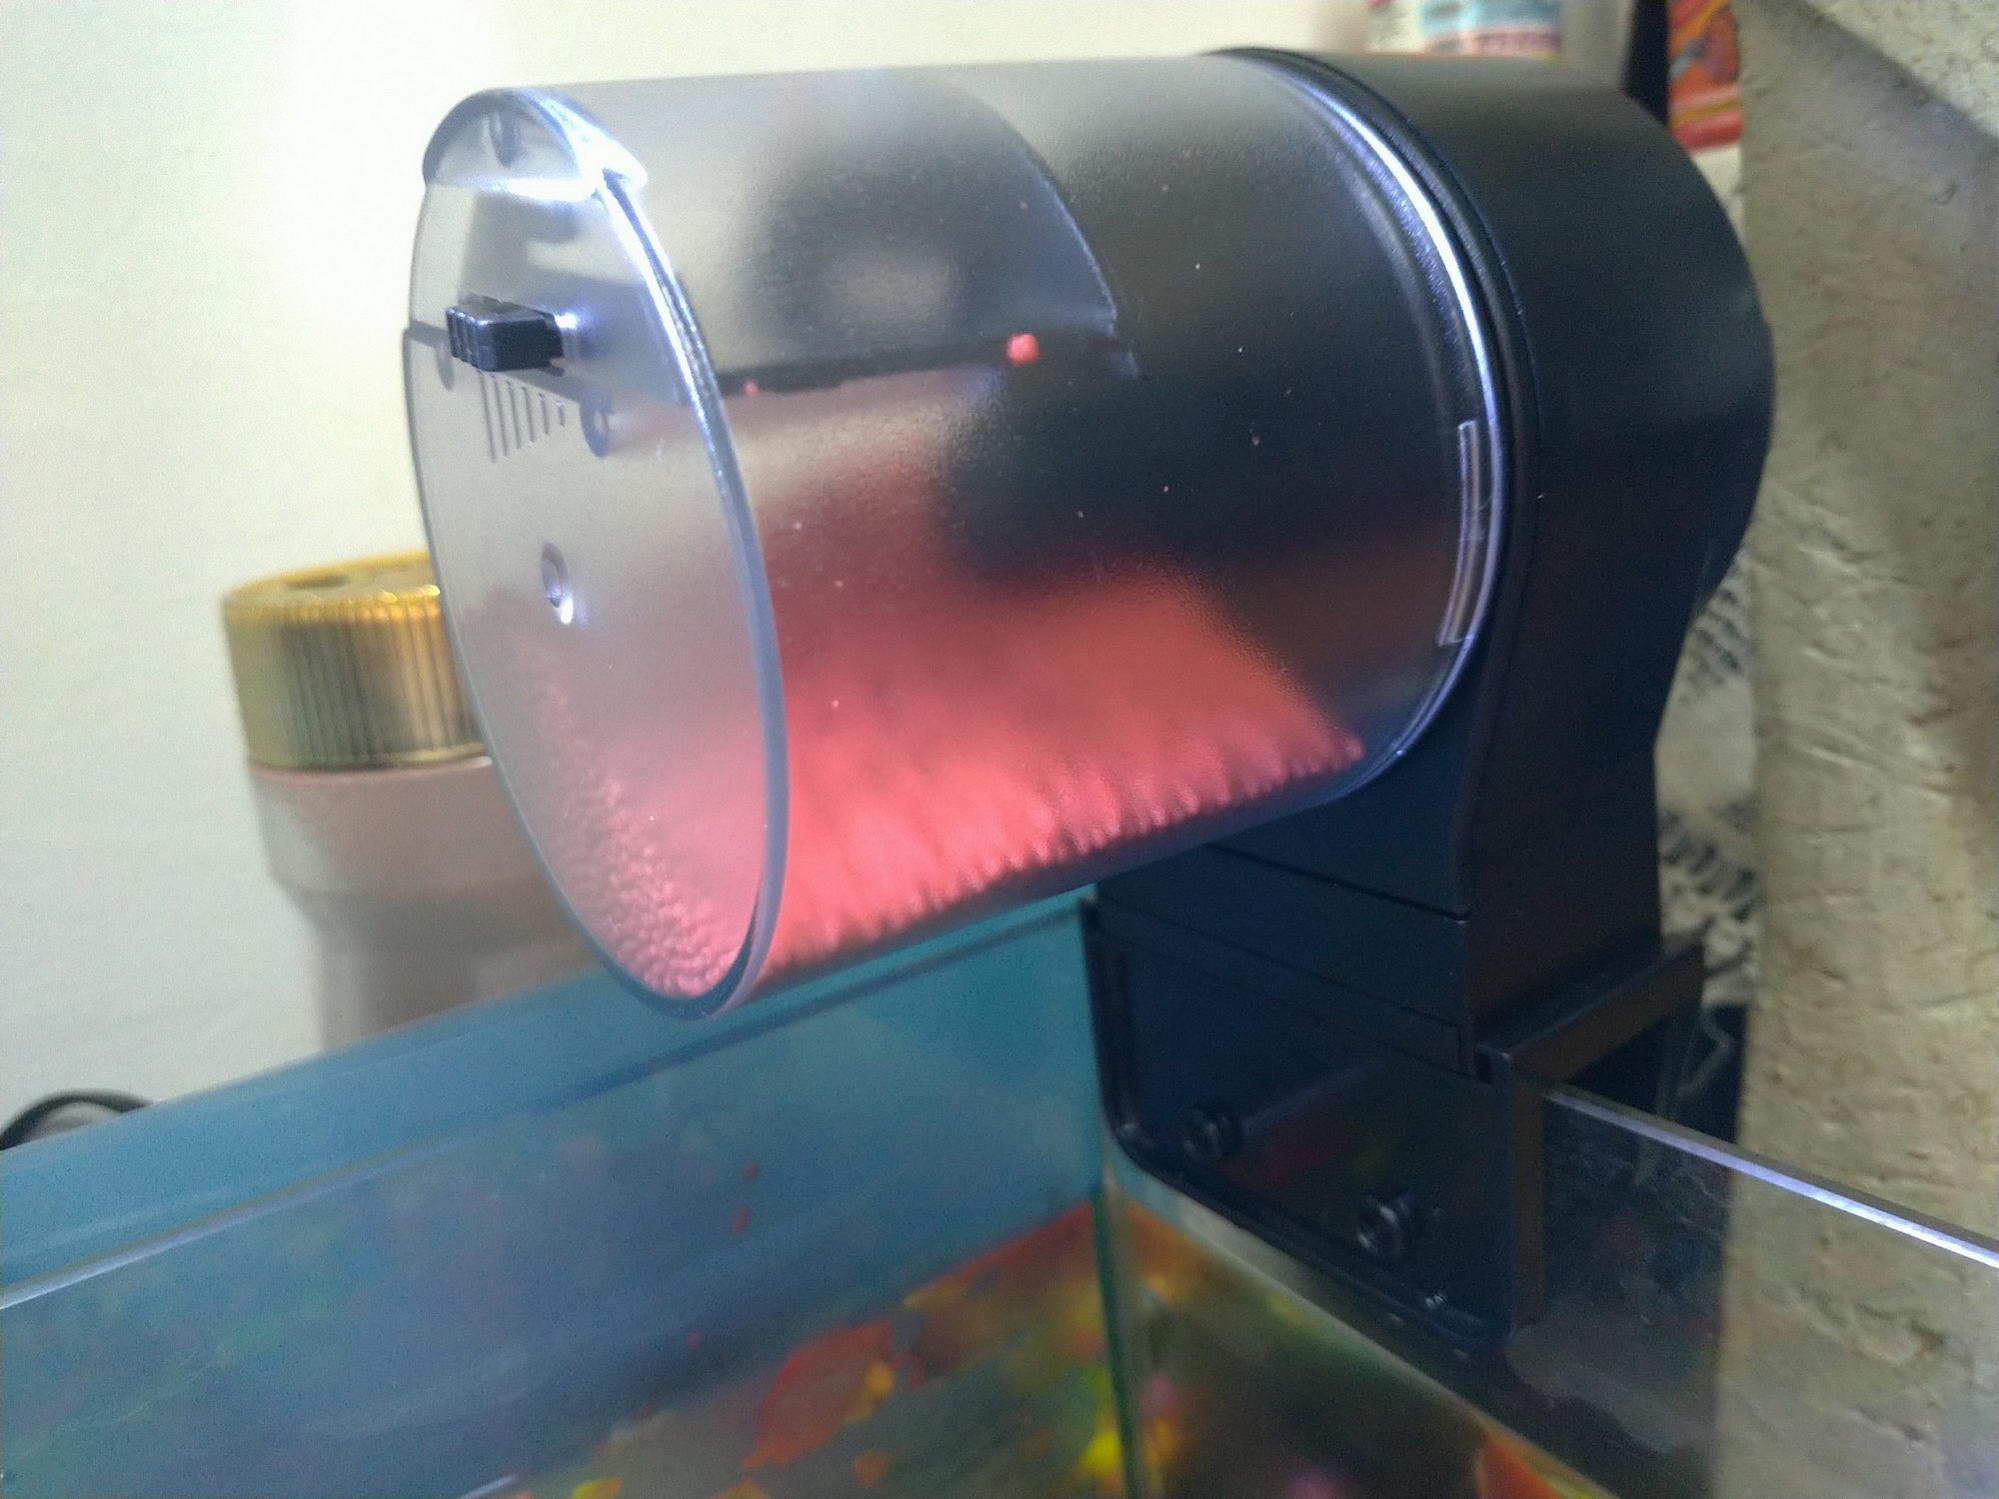 [開箱文]自動餵魚器(hidoli)12/24小時自動餵魚,不用擔心魚兒會餓肚子的自動餵食器!